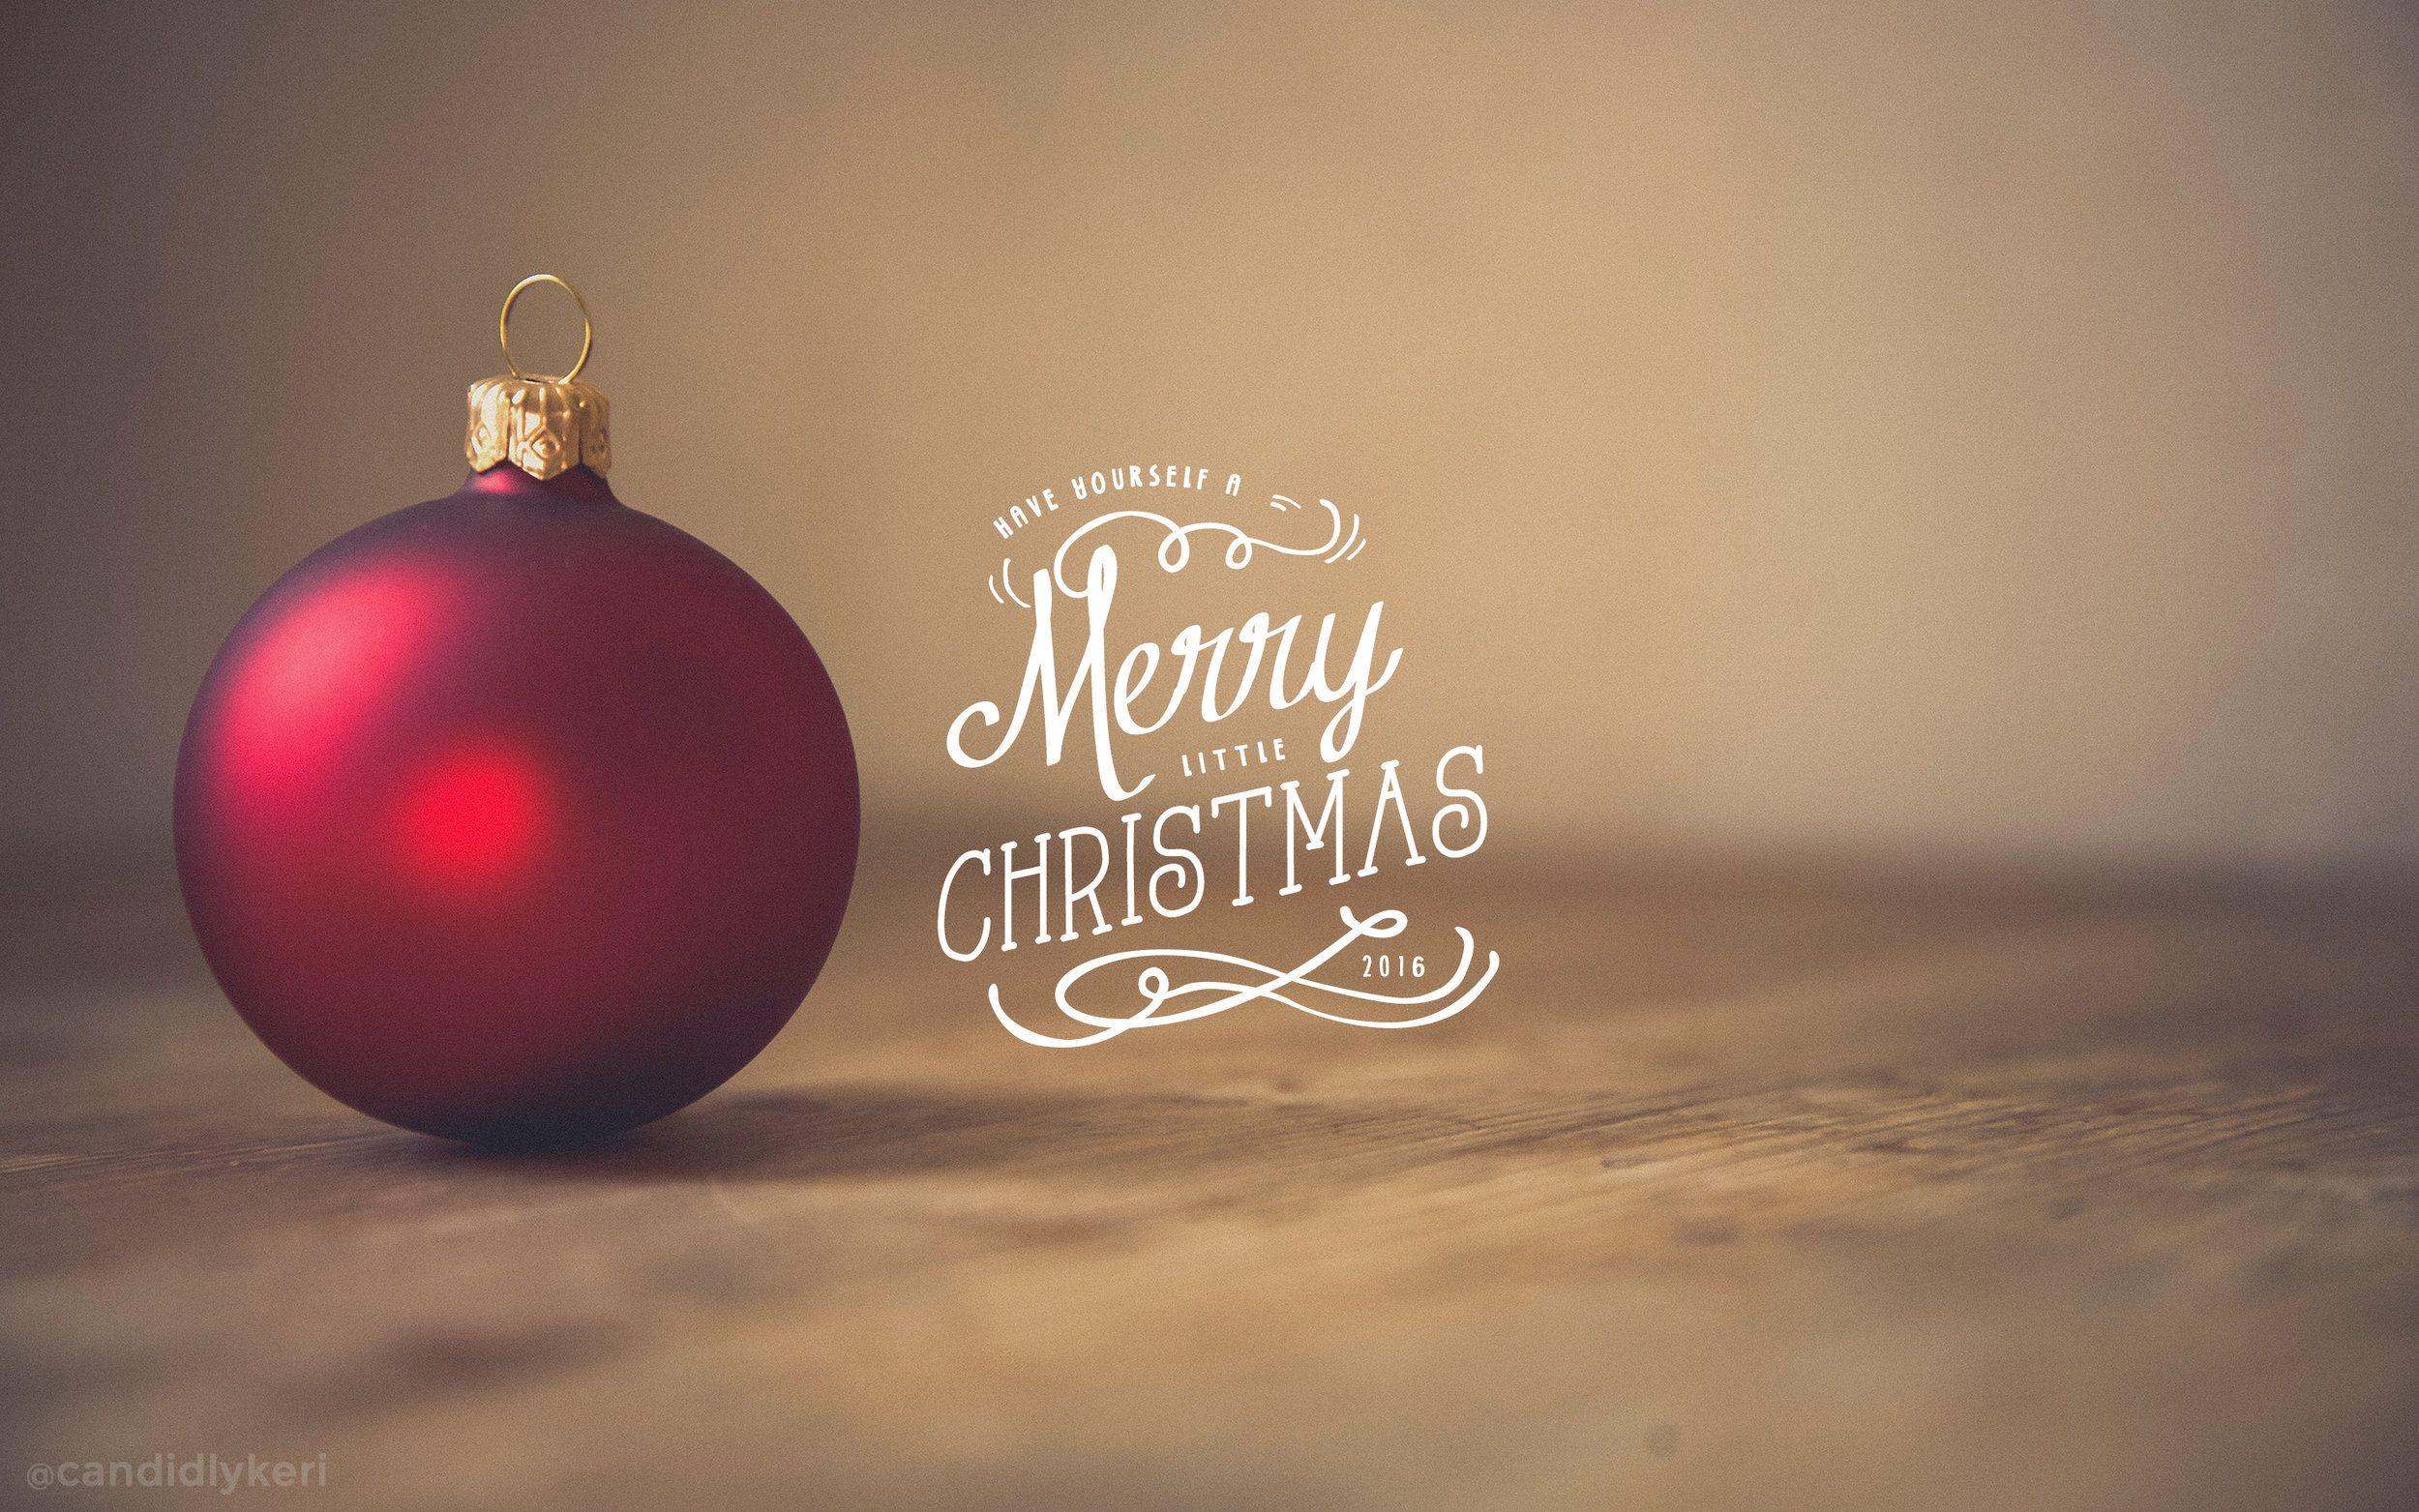 Merry Christmas j Christmas desktop wallpaper Christmas 2500x1563